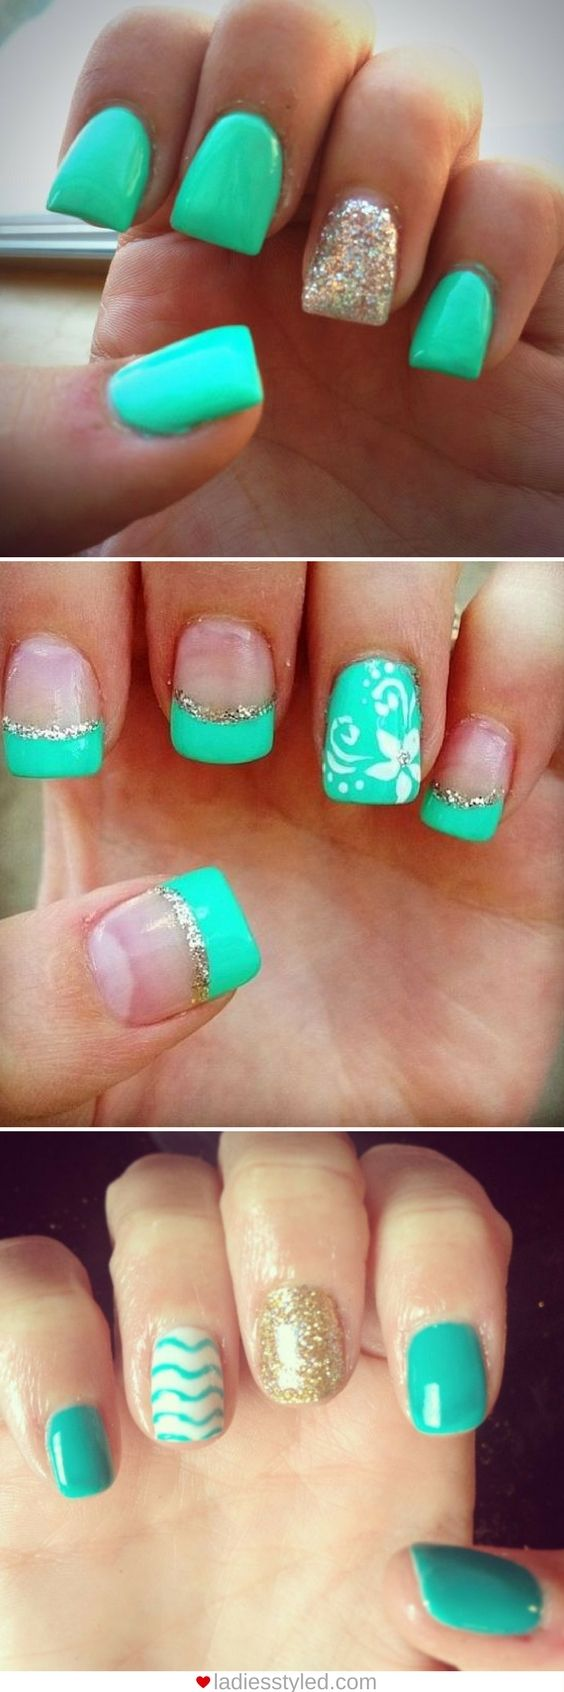 Best 25+ Nail ideas ideas on Pinterest | Finger nails ...